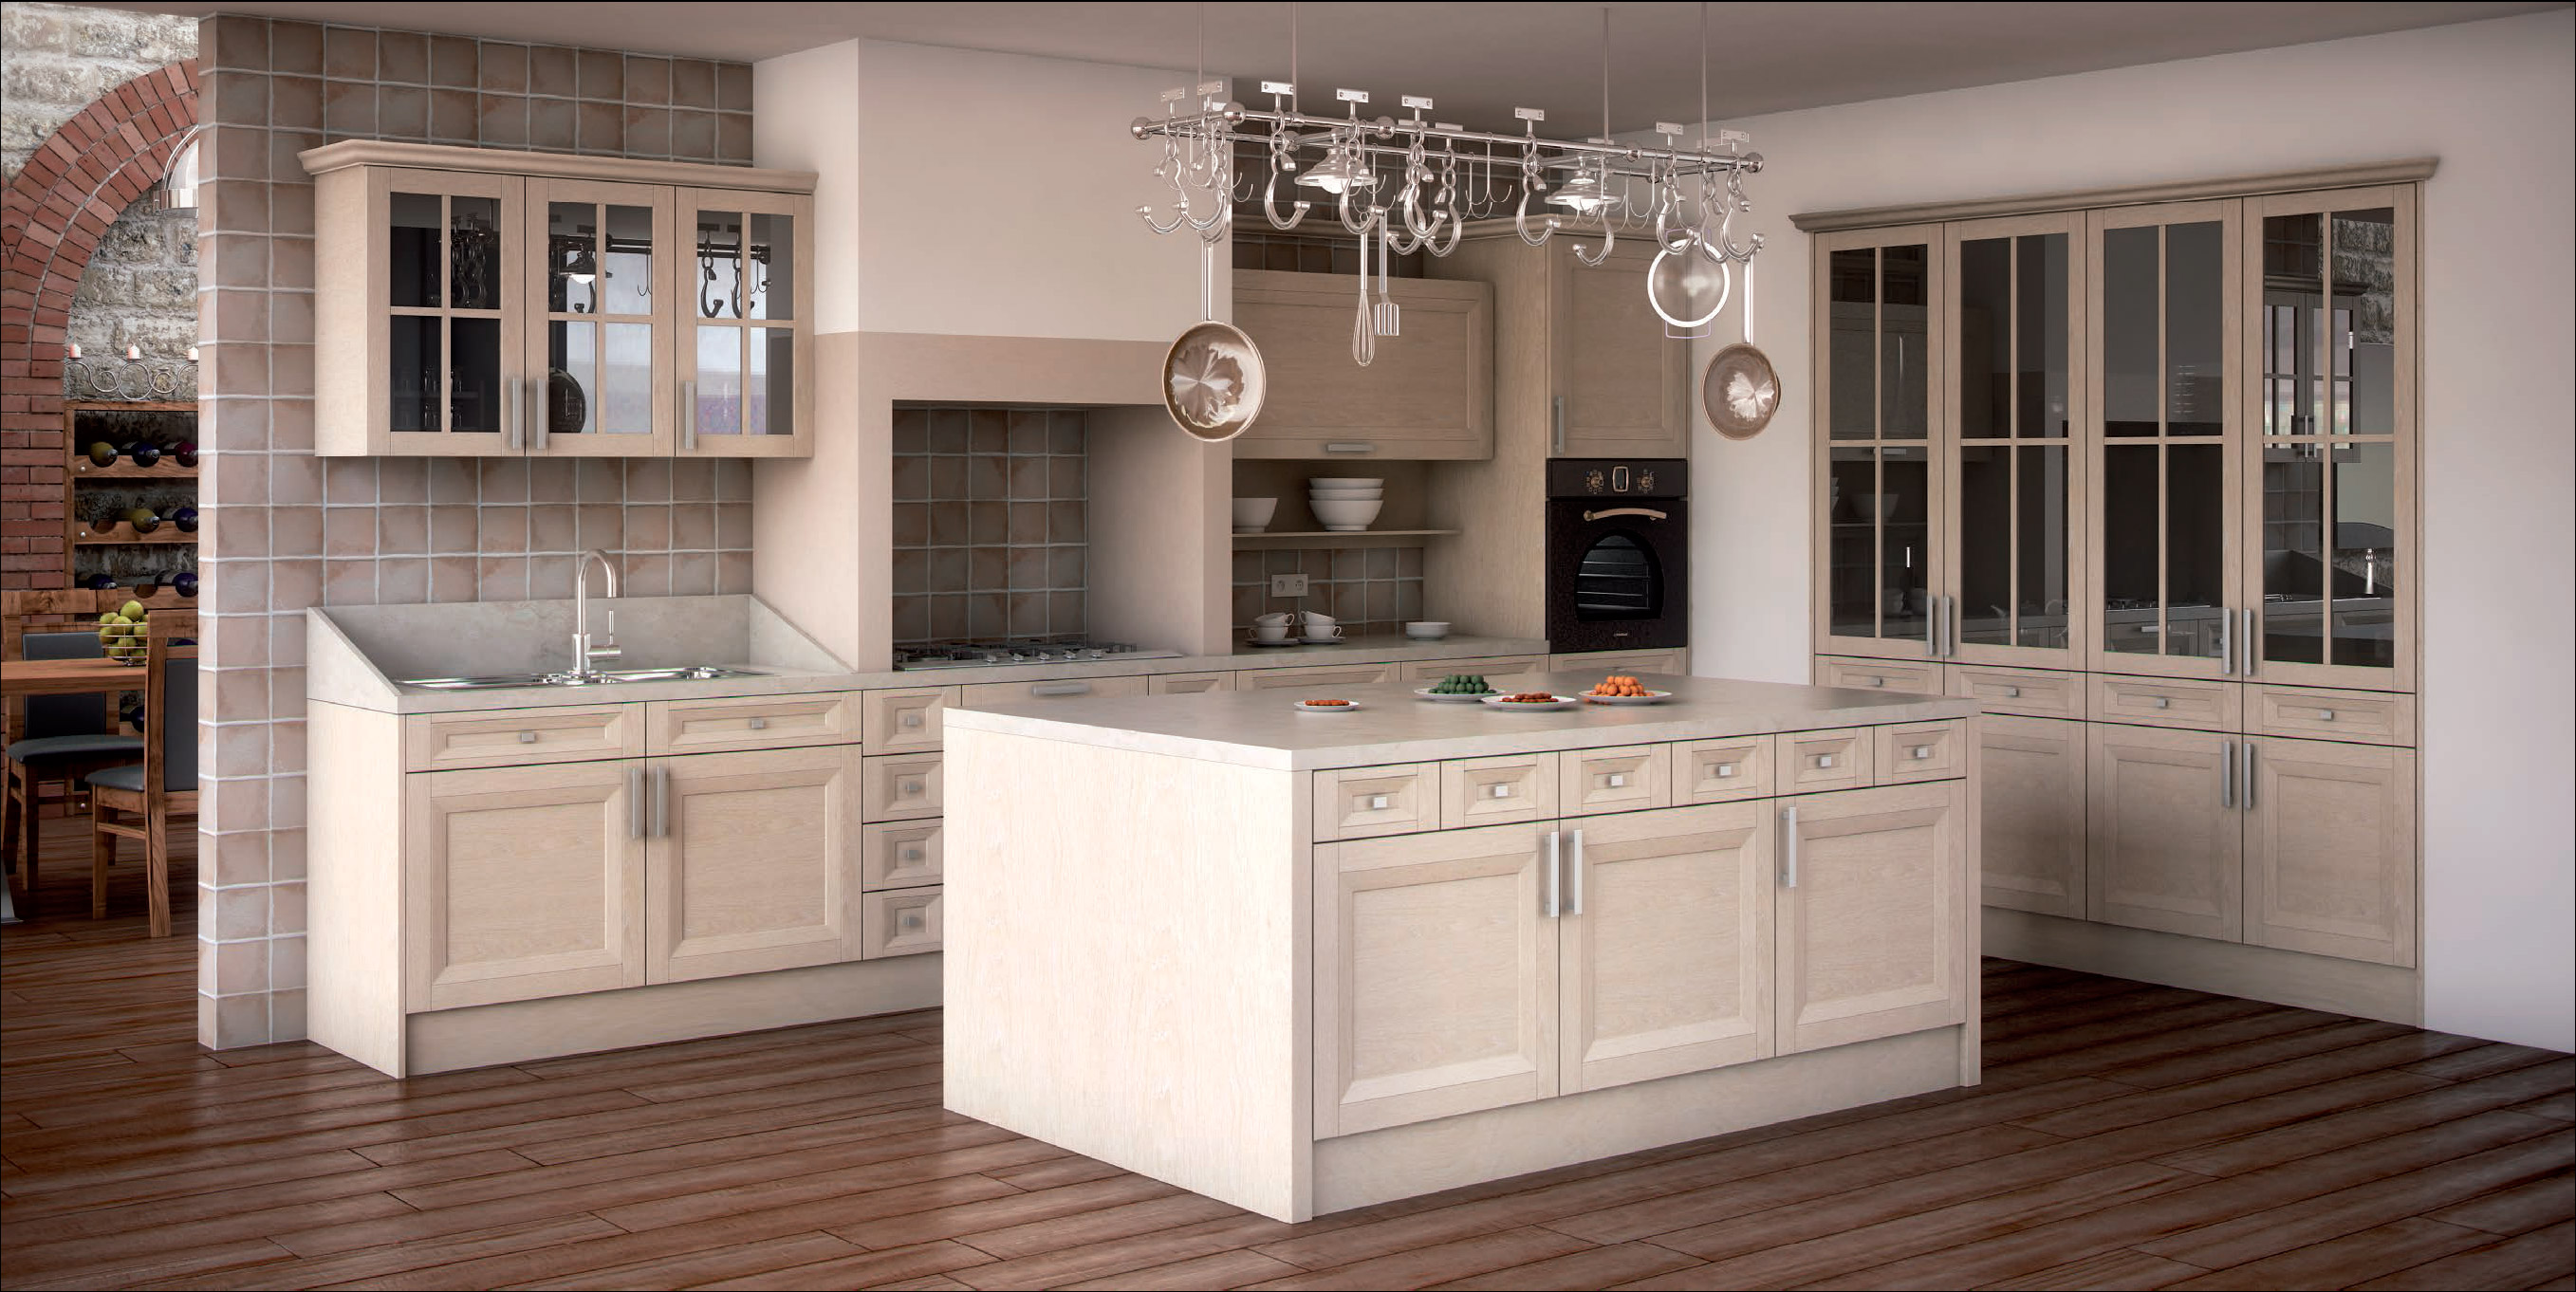 Fotos de cocinas de madera perfect atajos cocinas with for Poner muebles de cocina